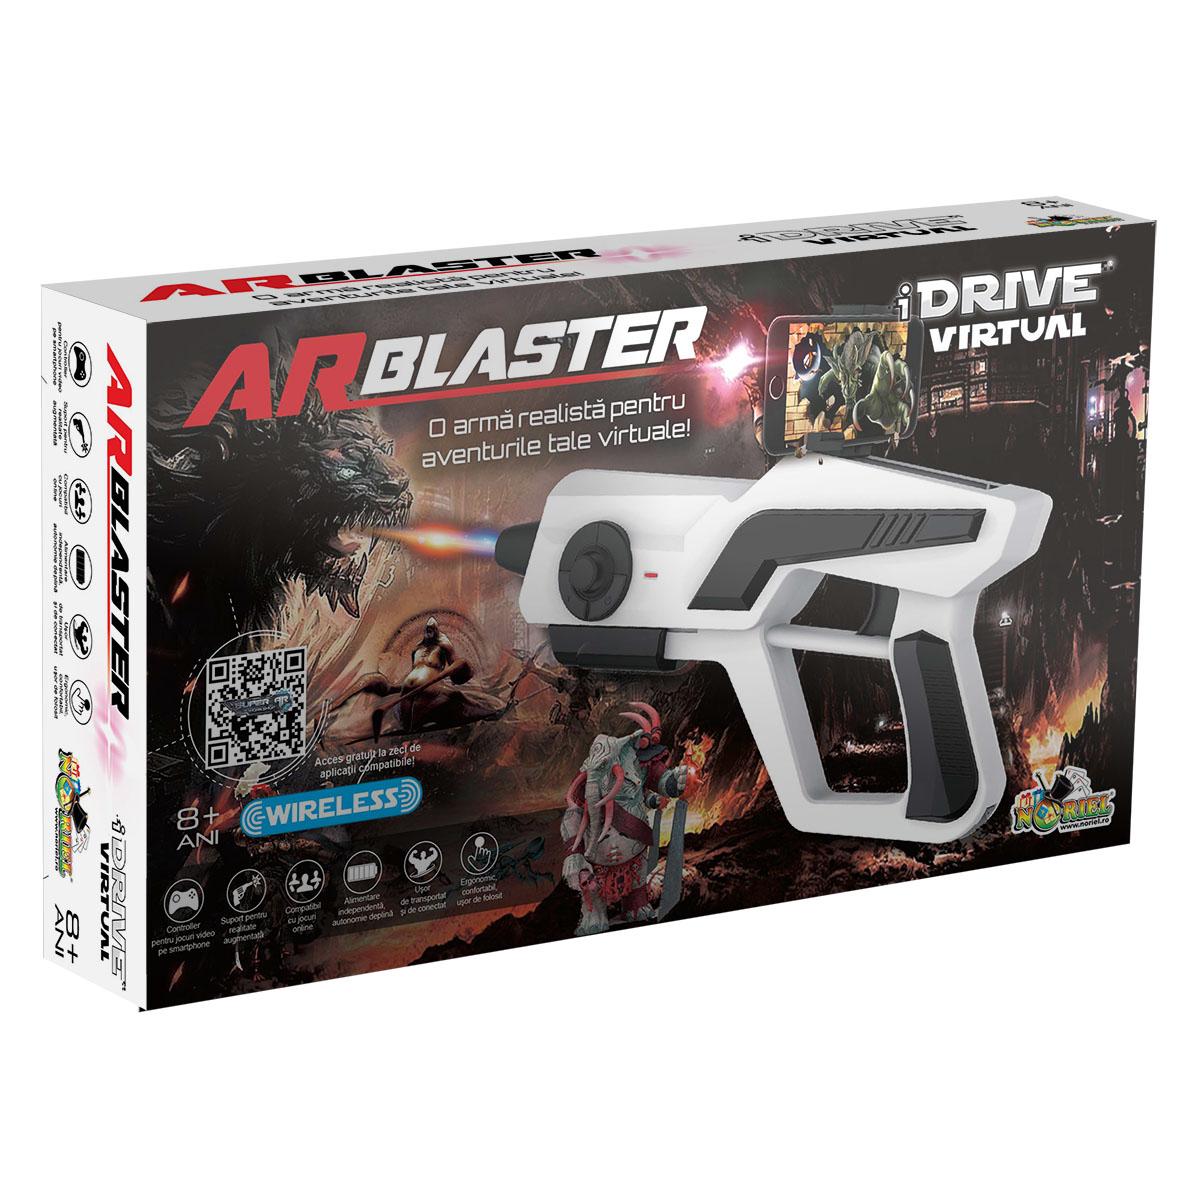 Controller wireless pentru jocuri video AR Blaster iDrive imagine